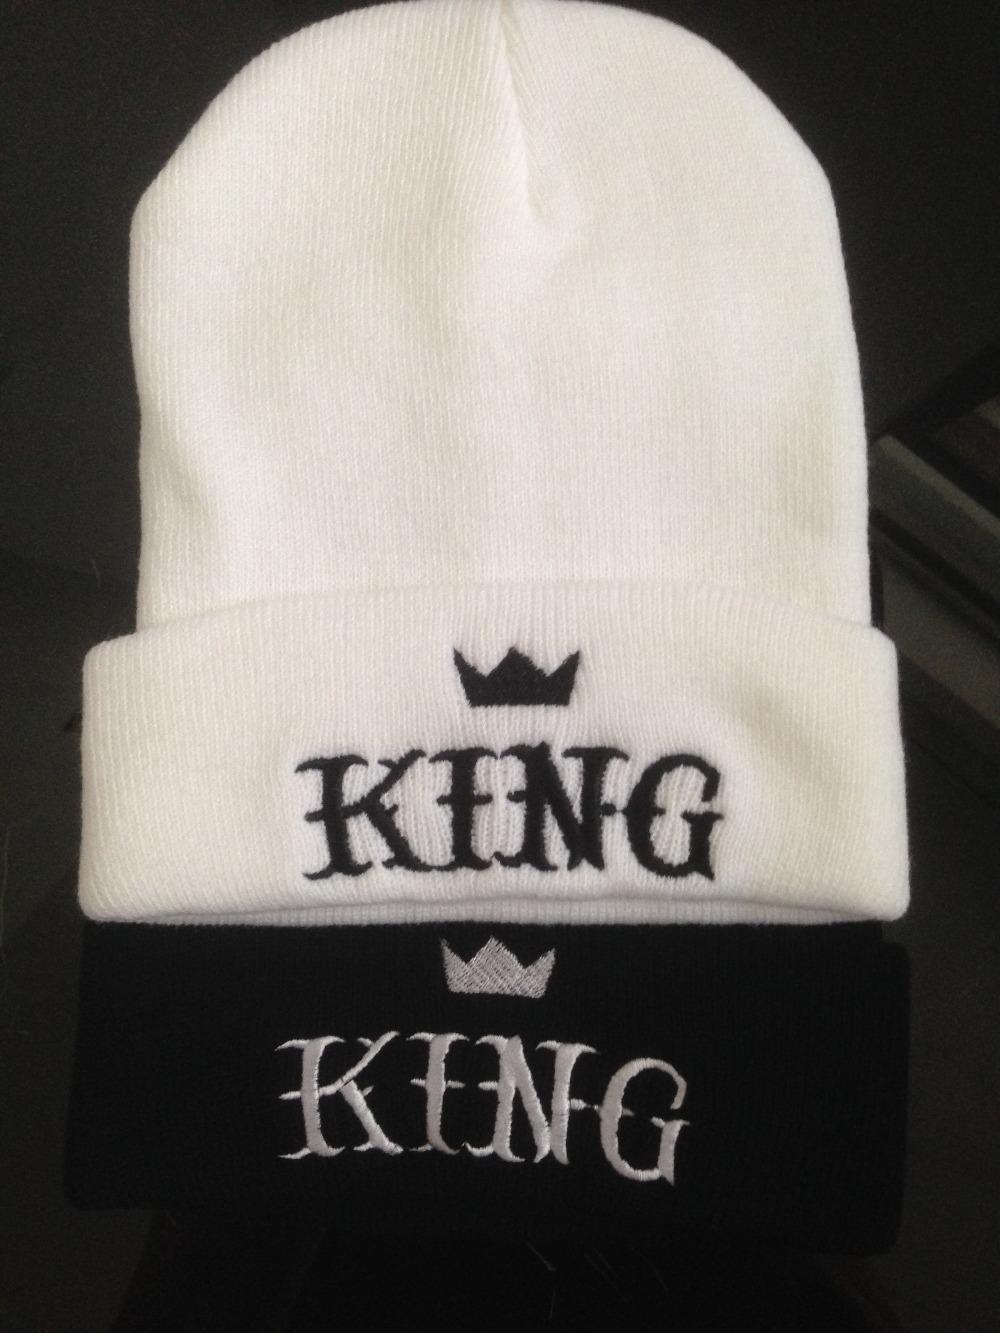 Aliexpress.com Comprar 100% acrílico Unisex Hiphop gorros para el invierno térmica sombreros personalizados DIY gorros rey de beanie fiable proveedores en